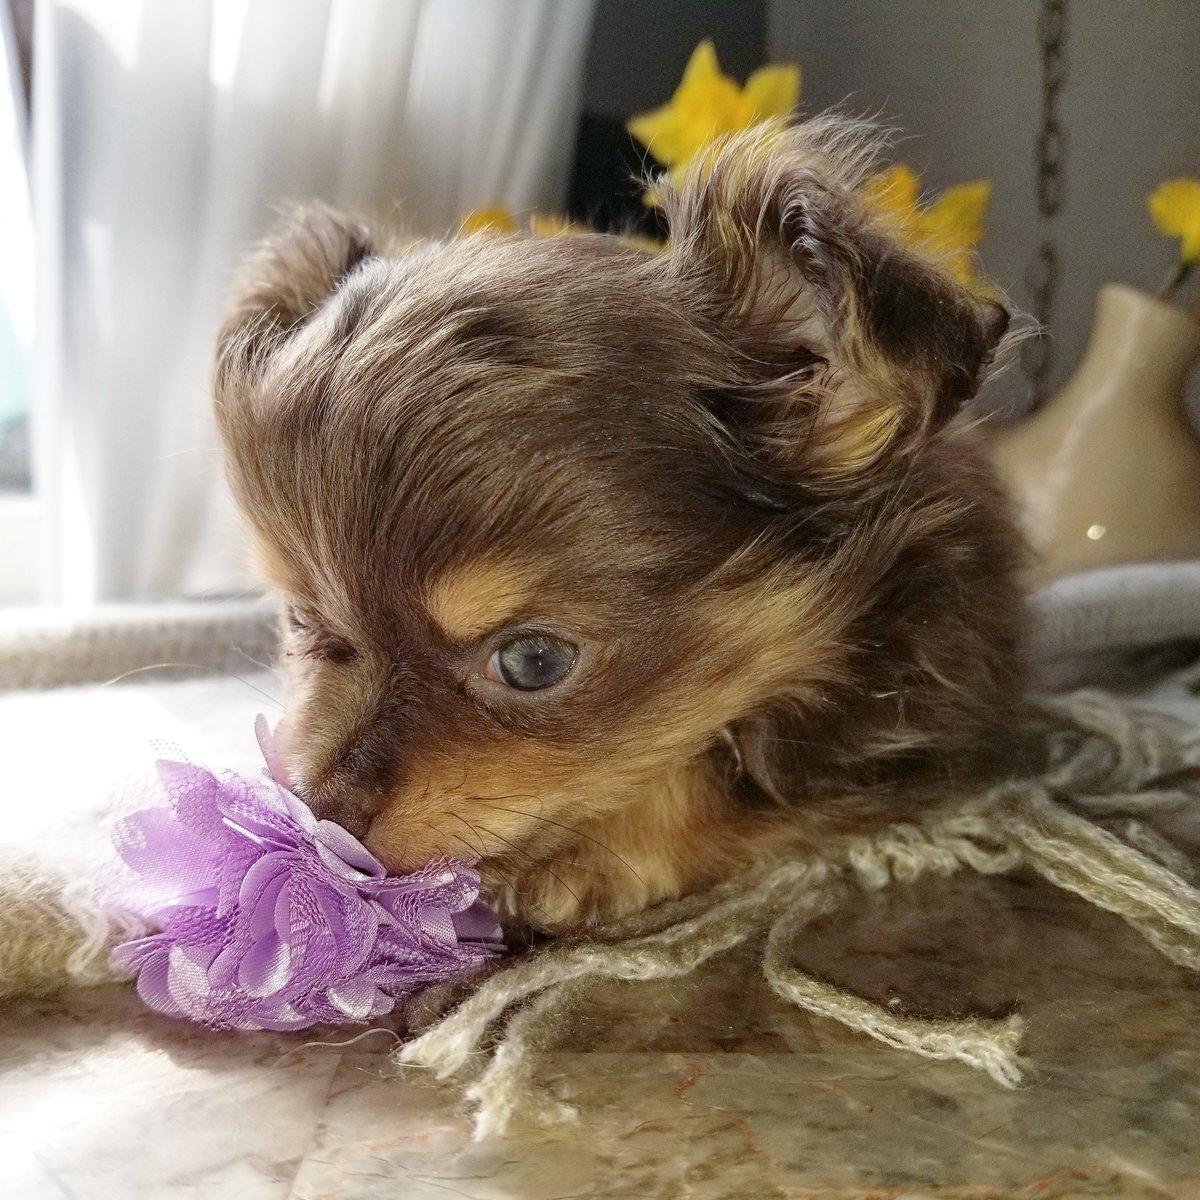 #tinypawsllc #rarechihuahua #appleheadchihuahua #puppylover